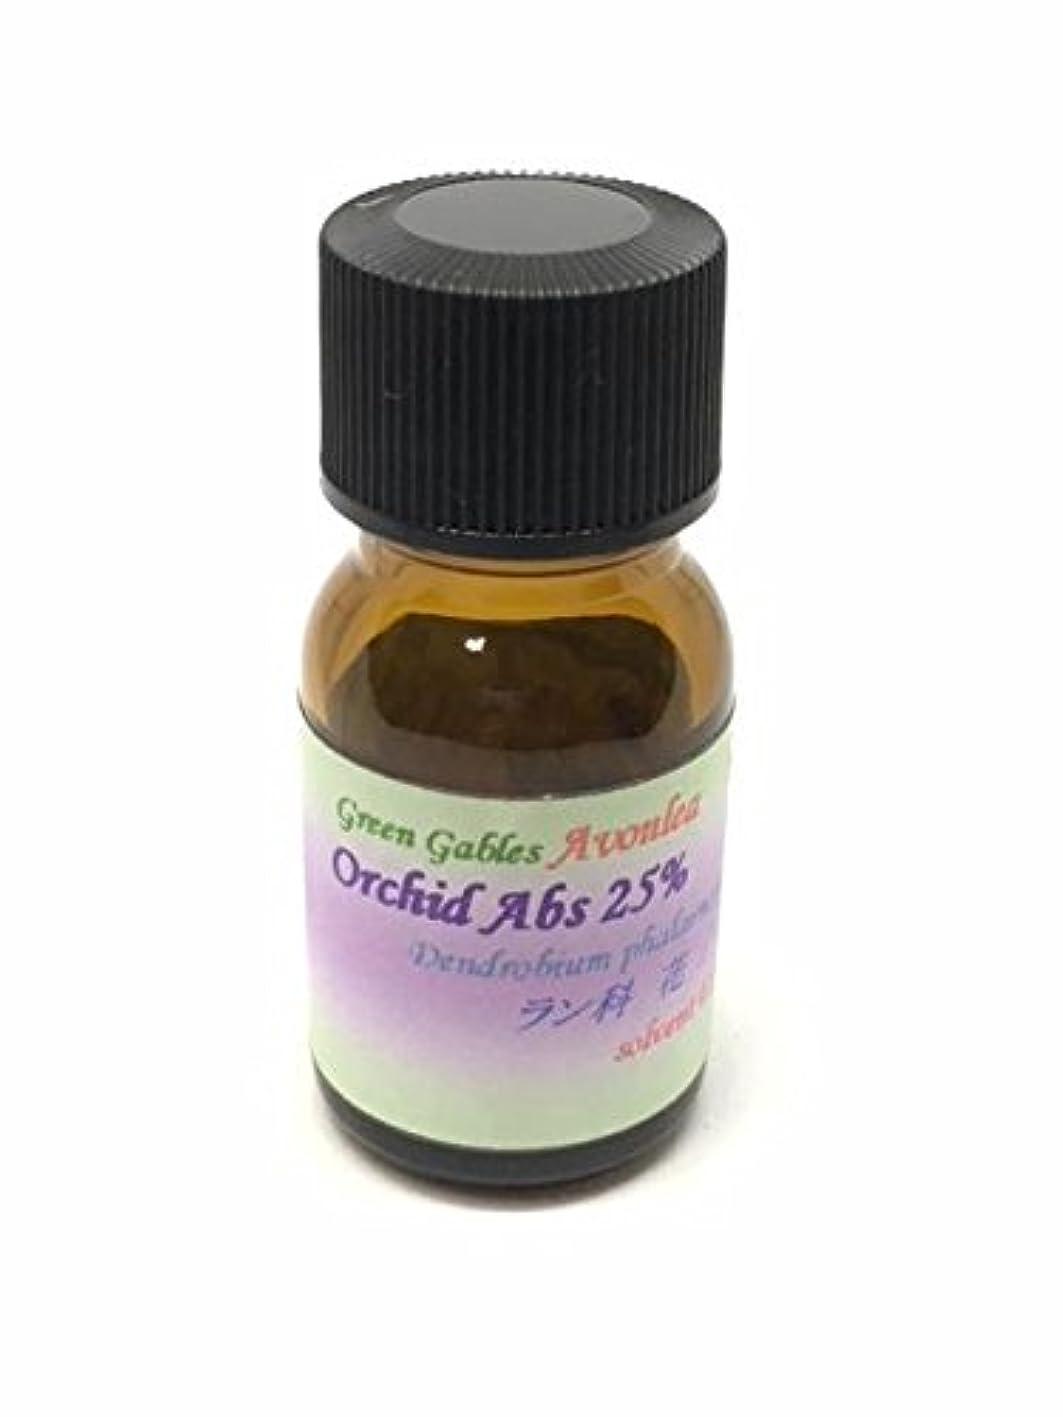 月面ペンフレンド探偵オーキッドAbs25%エッセンシャルオイル精油(希釈精油)orchidAbs25% (30ml)